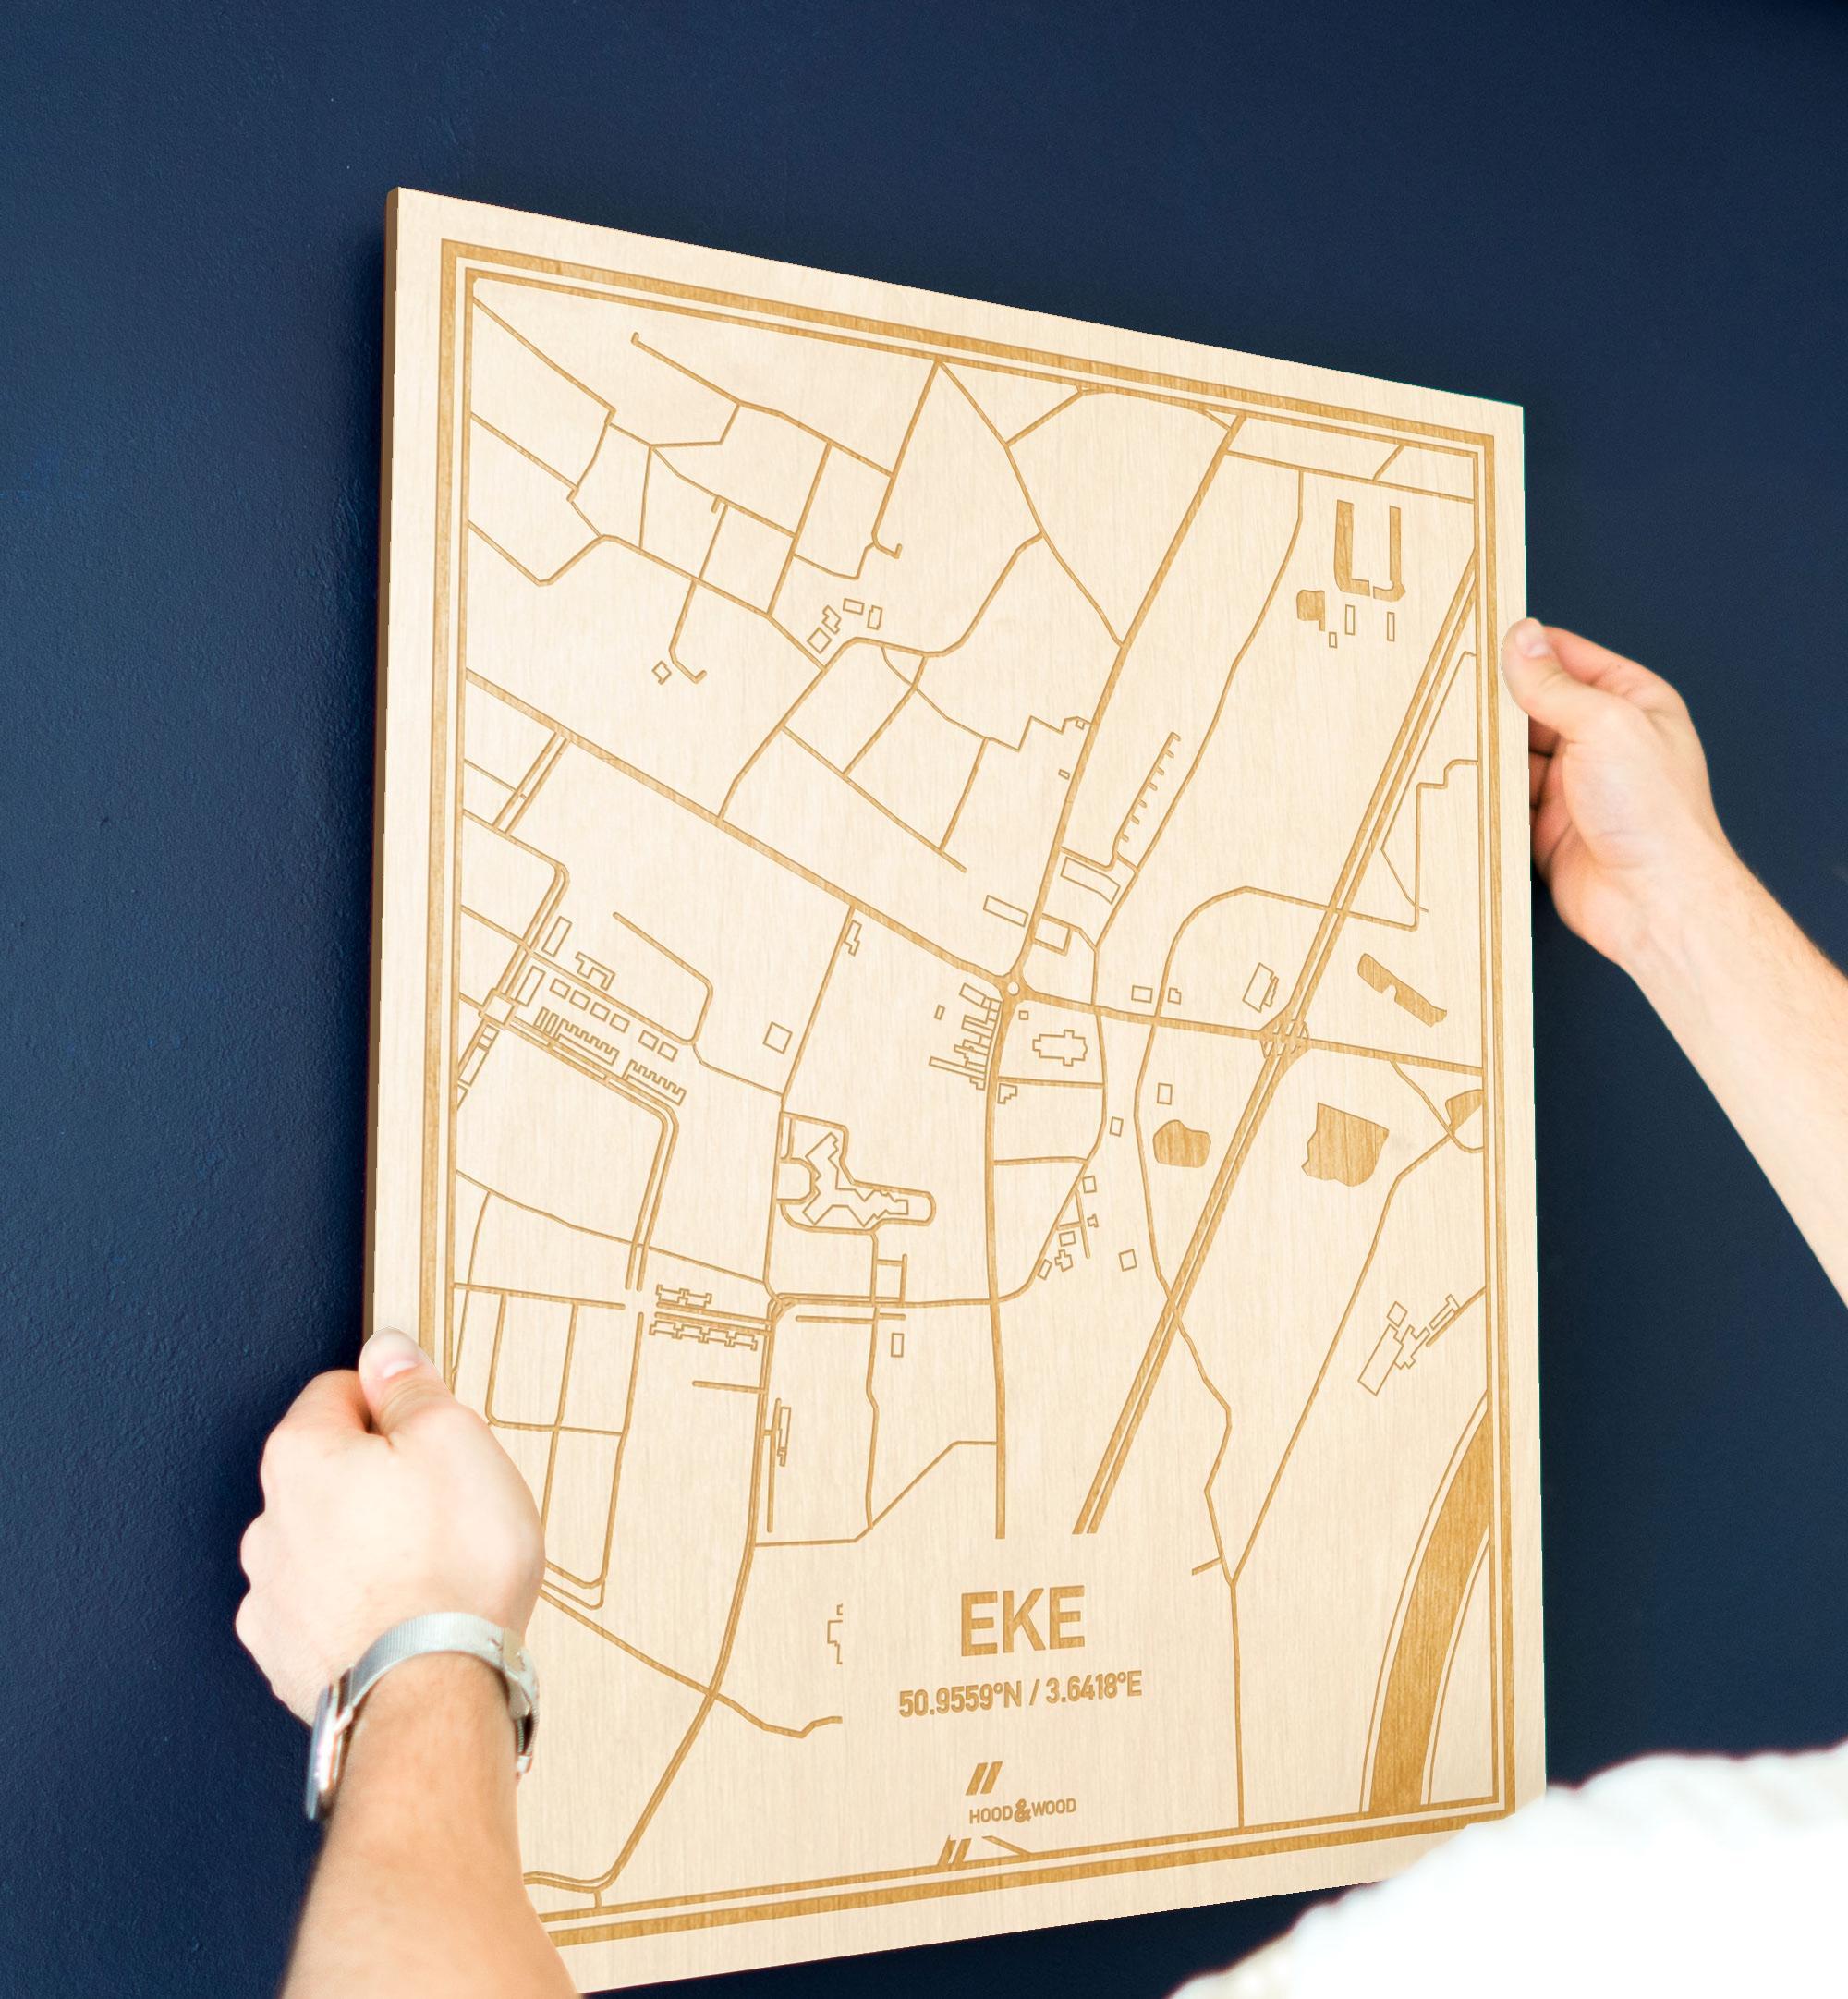 Een man hangt de houten plattegrond Eke aan zijn blauwe muur ter decoratie. Je ziet alleen zijn handen de kaart van deze opvallende in Oost-Vlaanderen  vasthouden.